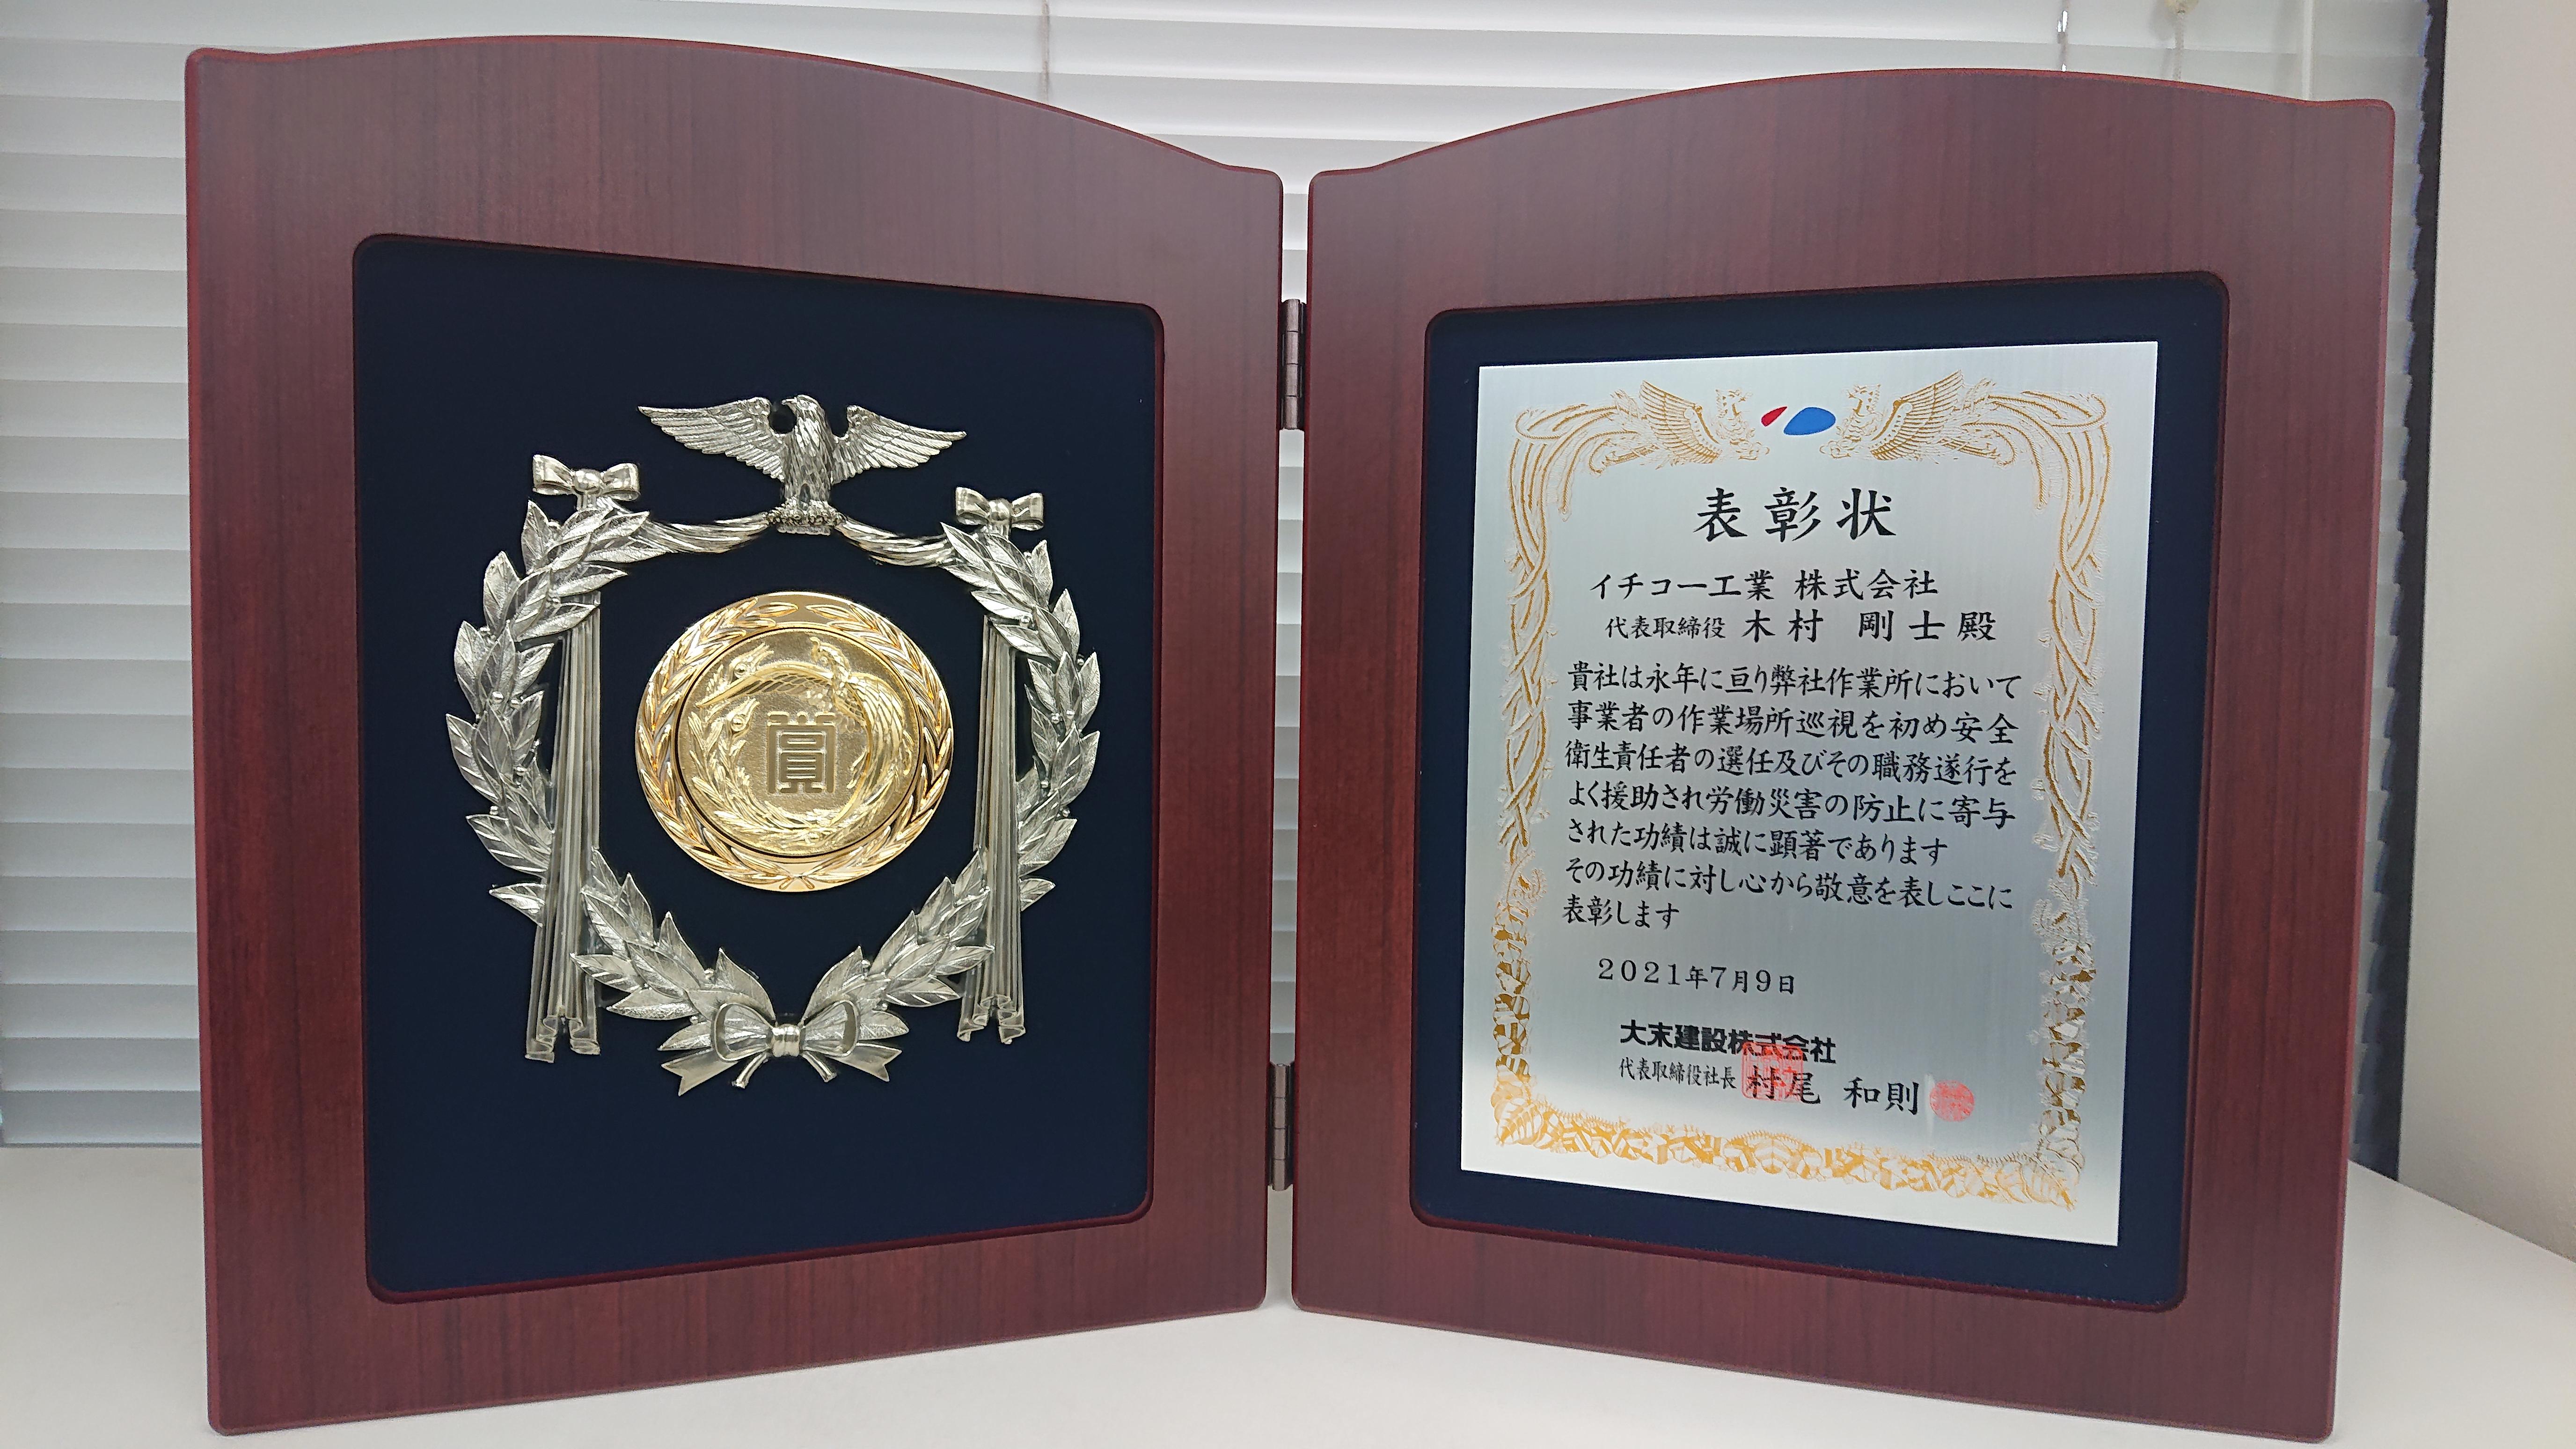 労働災害防止大会にて社長賞を受賞しました。